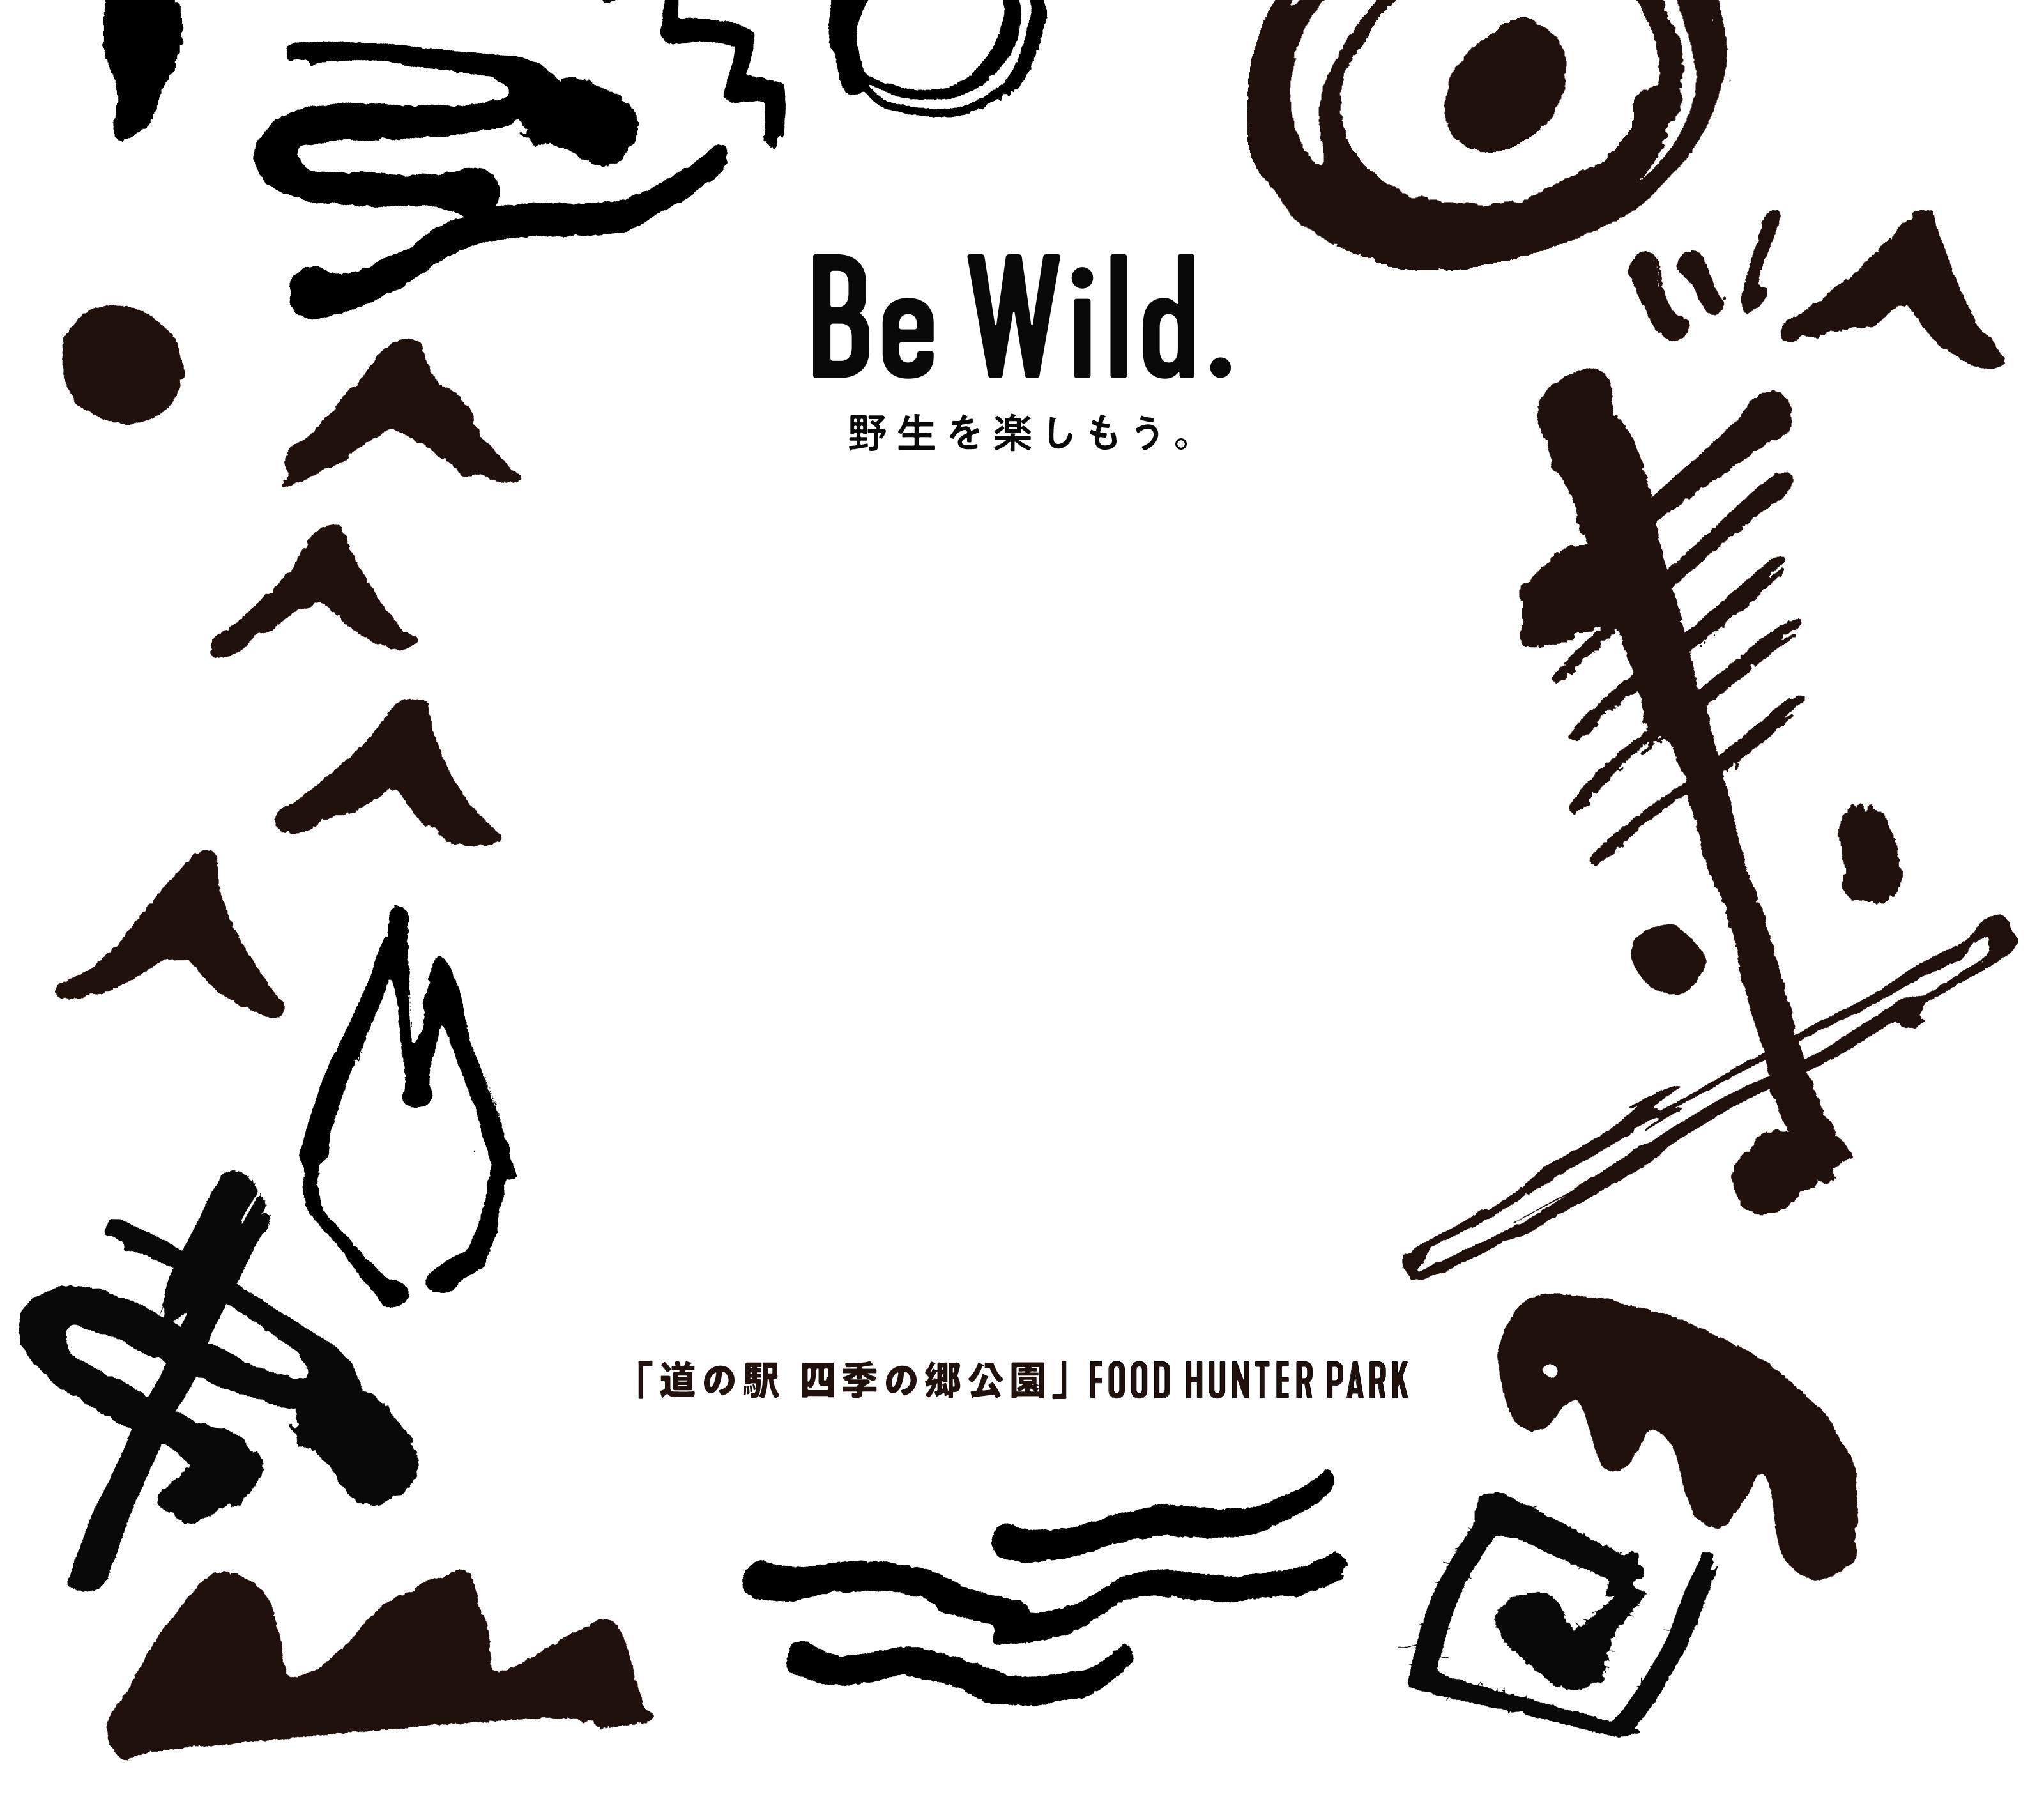 Be Wild. 野生を楽しもう。道の駅 四季の郷公園 FOOD HUNTER PARK フードハンターパーク